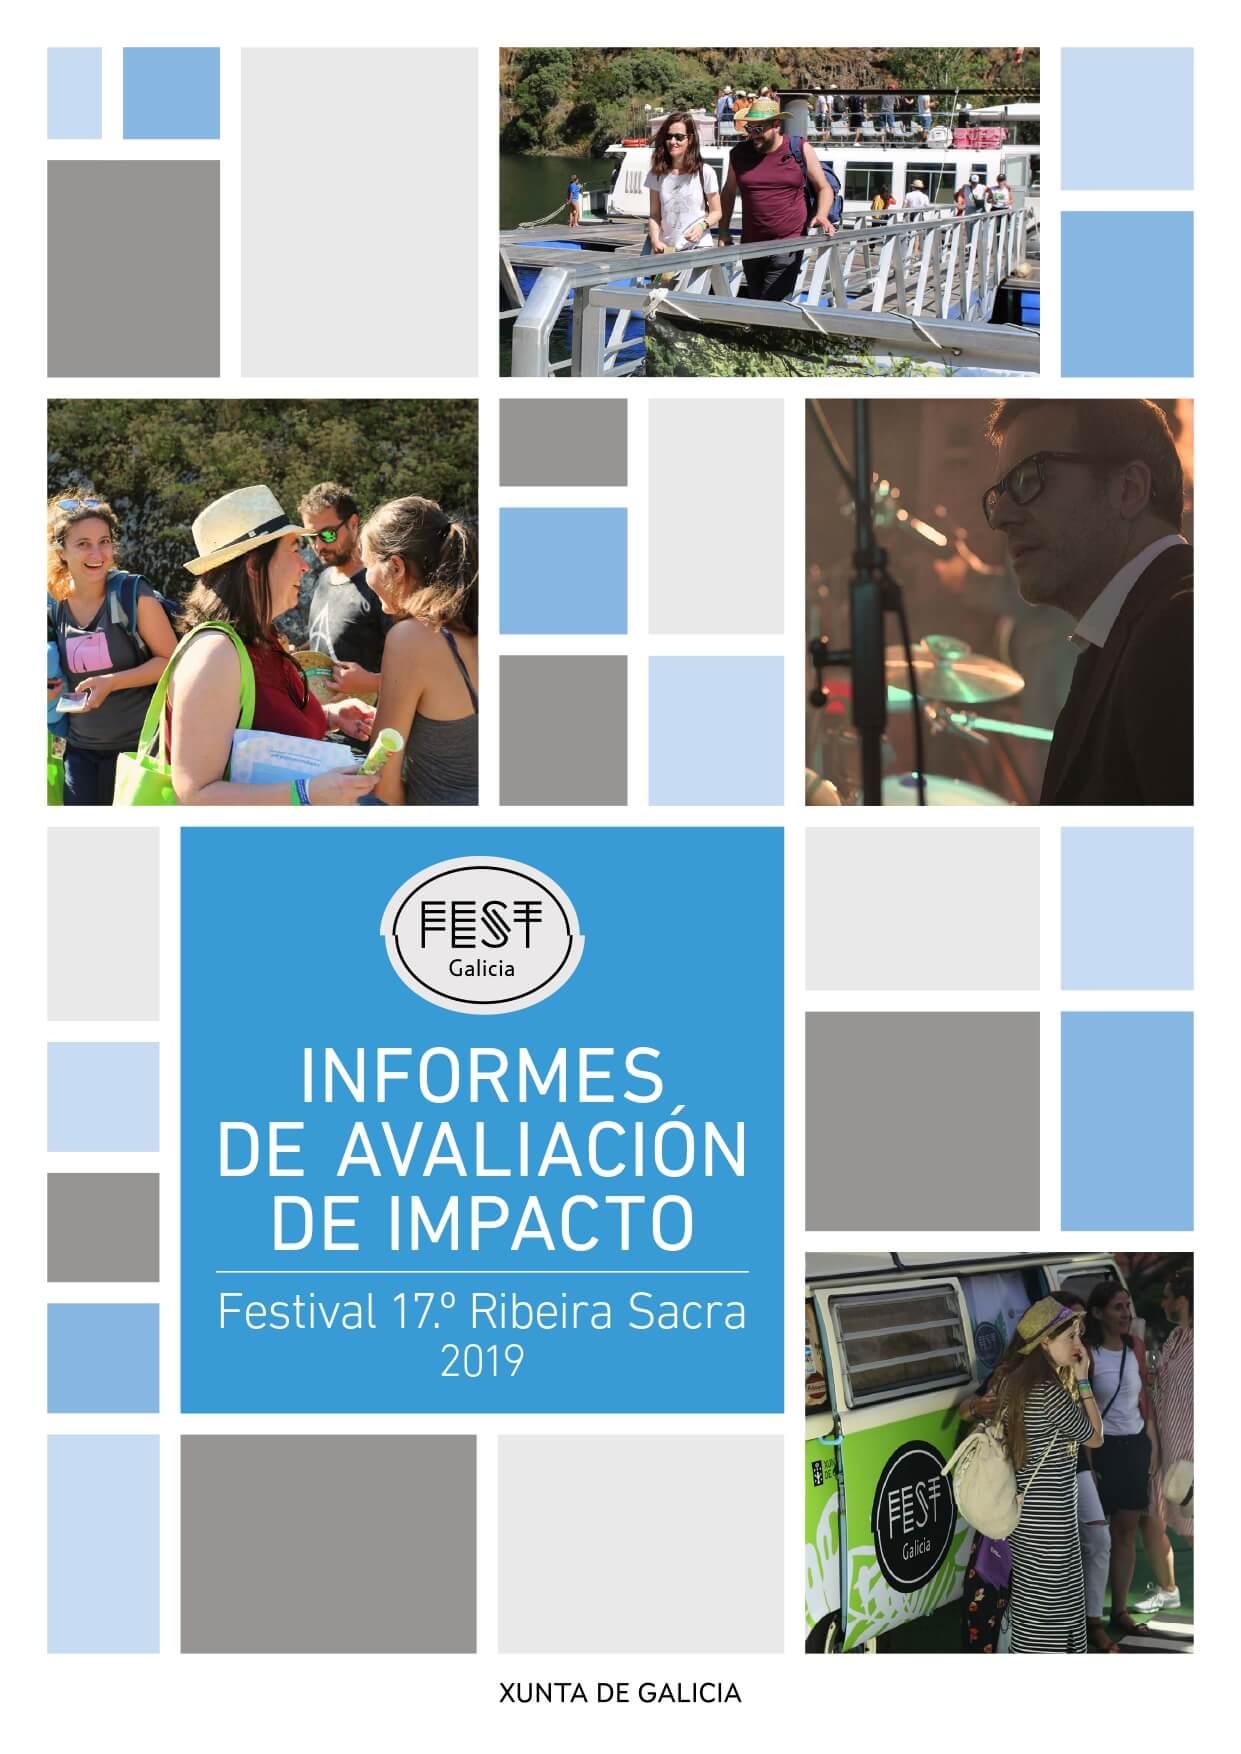 Fest Galicia informe Ribeira Sacra Festival 2019